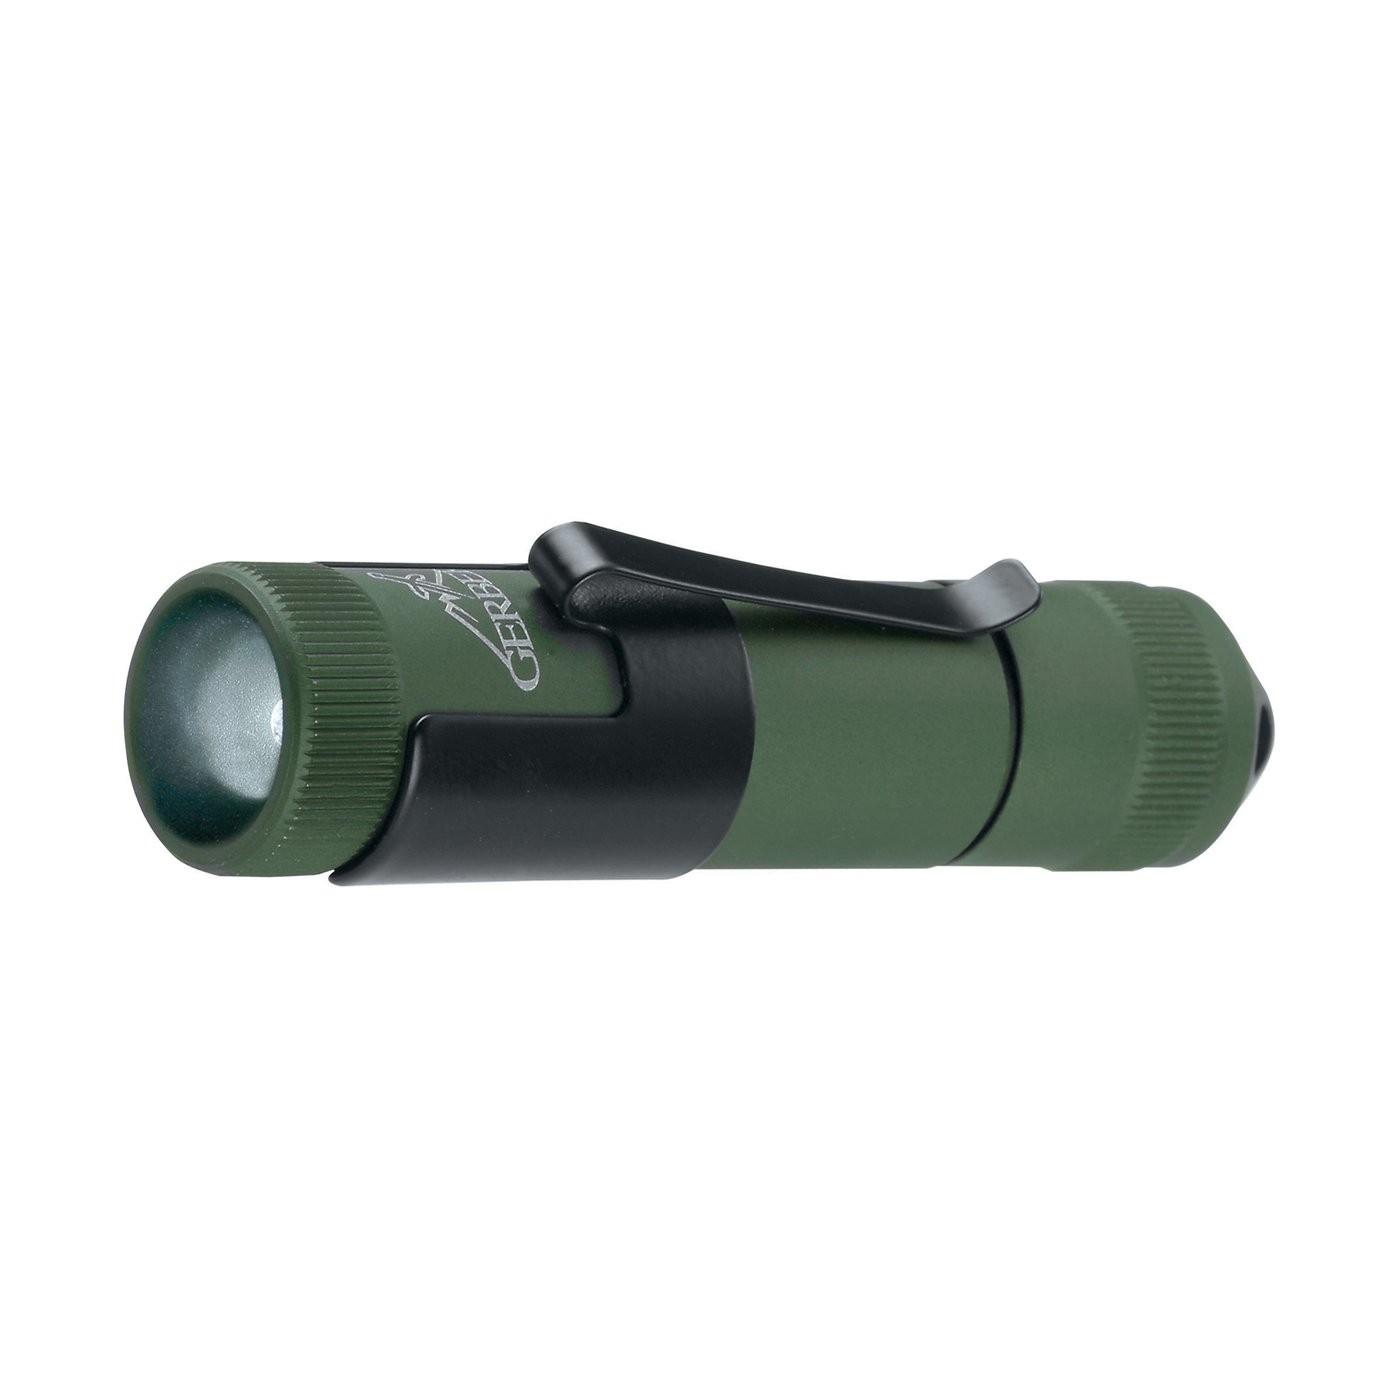 Gerber Infinity Ultra Task Light White LED W/ Green Body